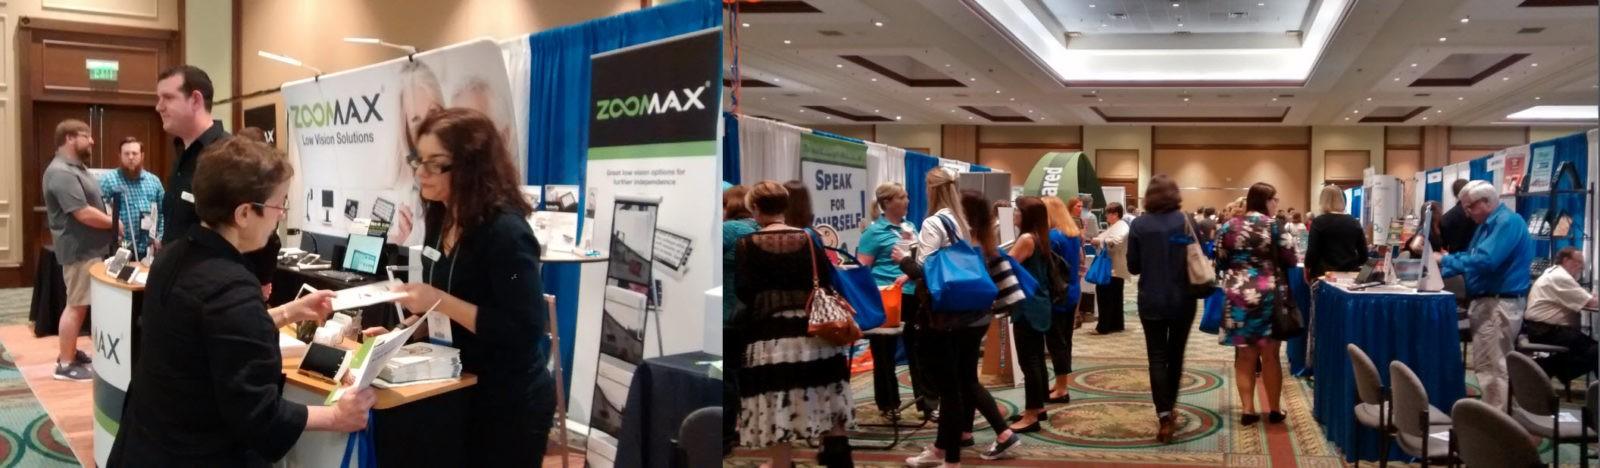 Zoomax booth and customer at ATIA